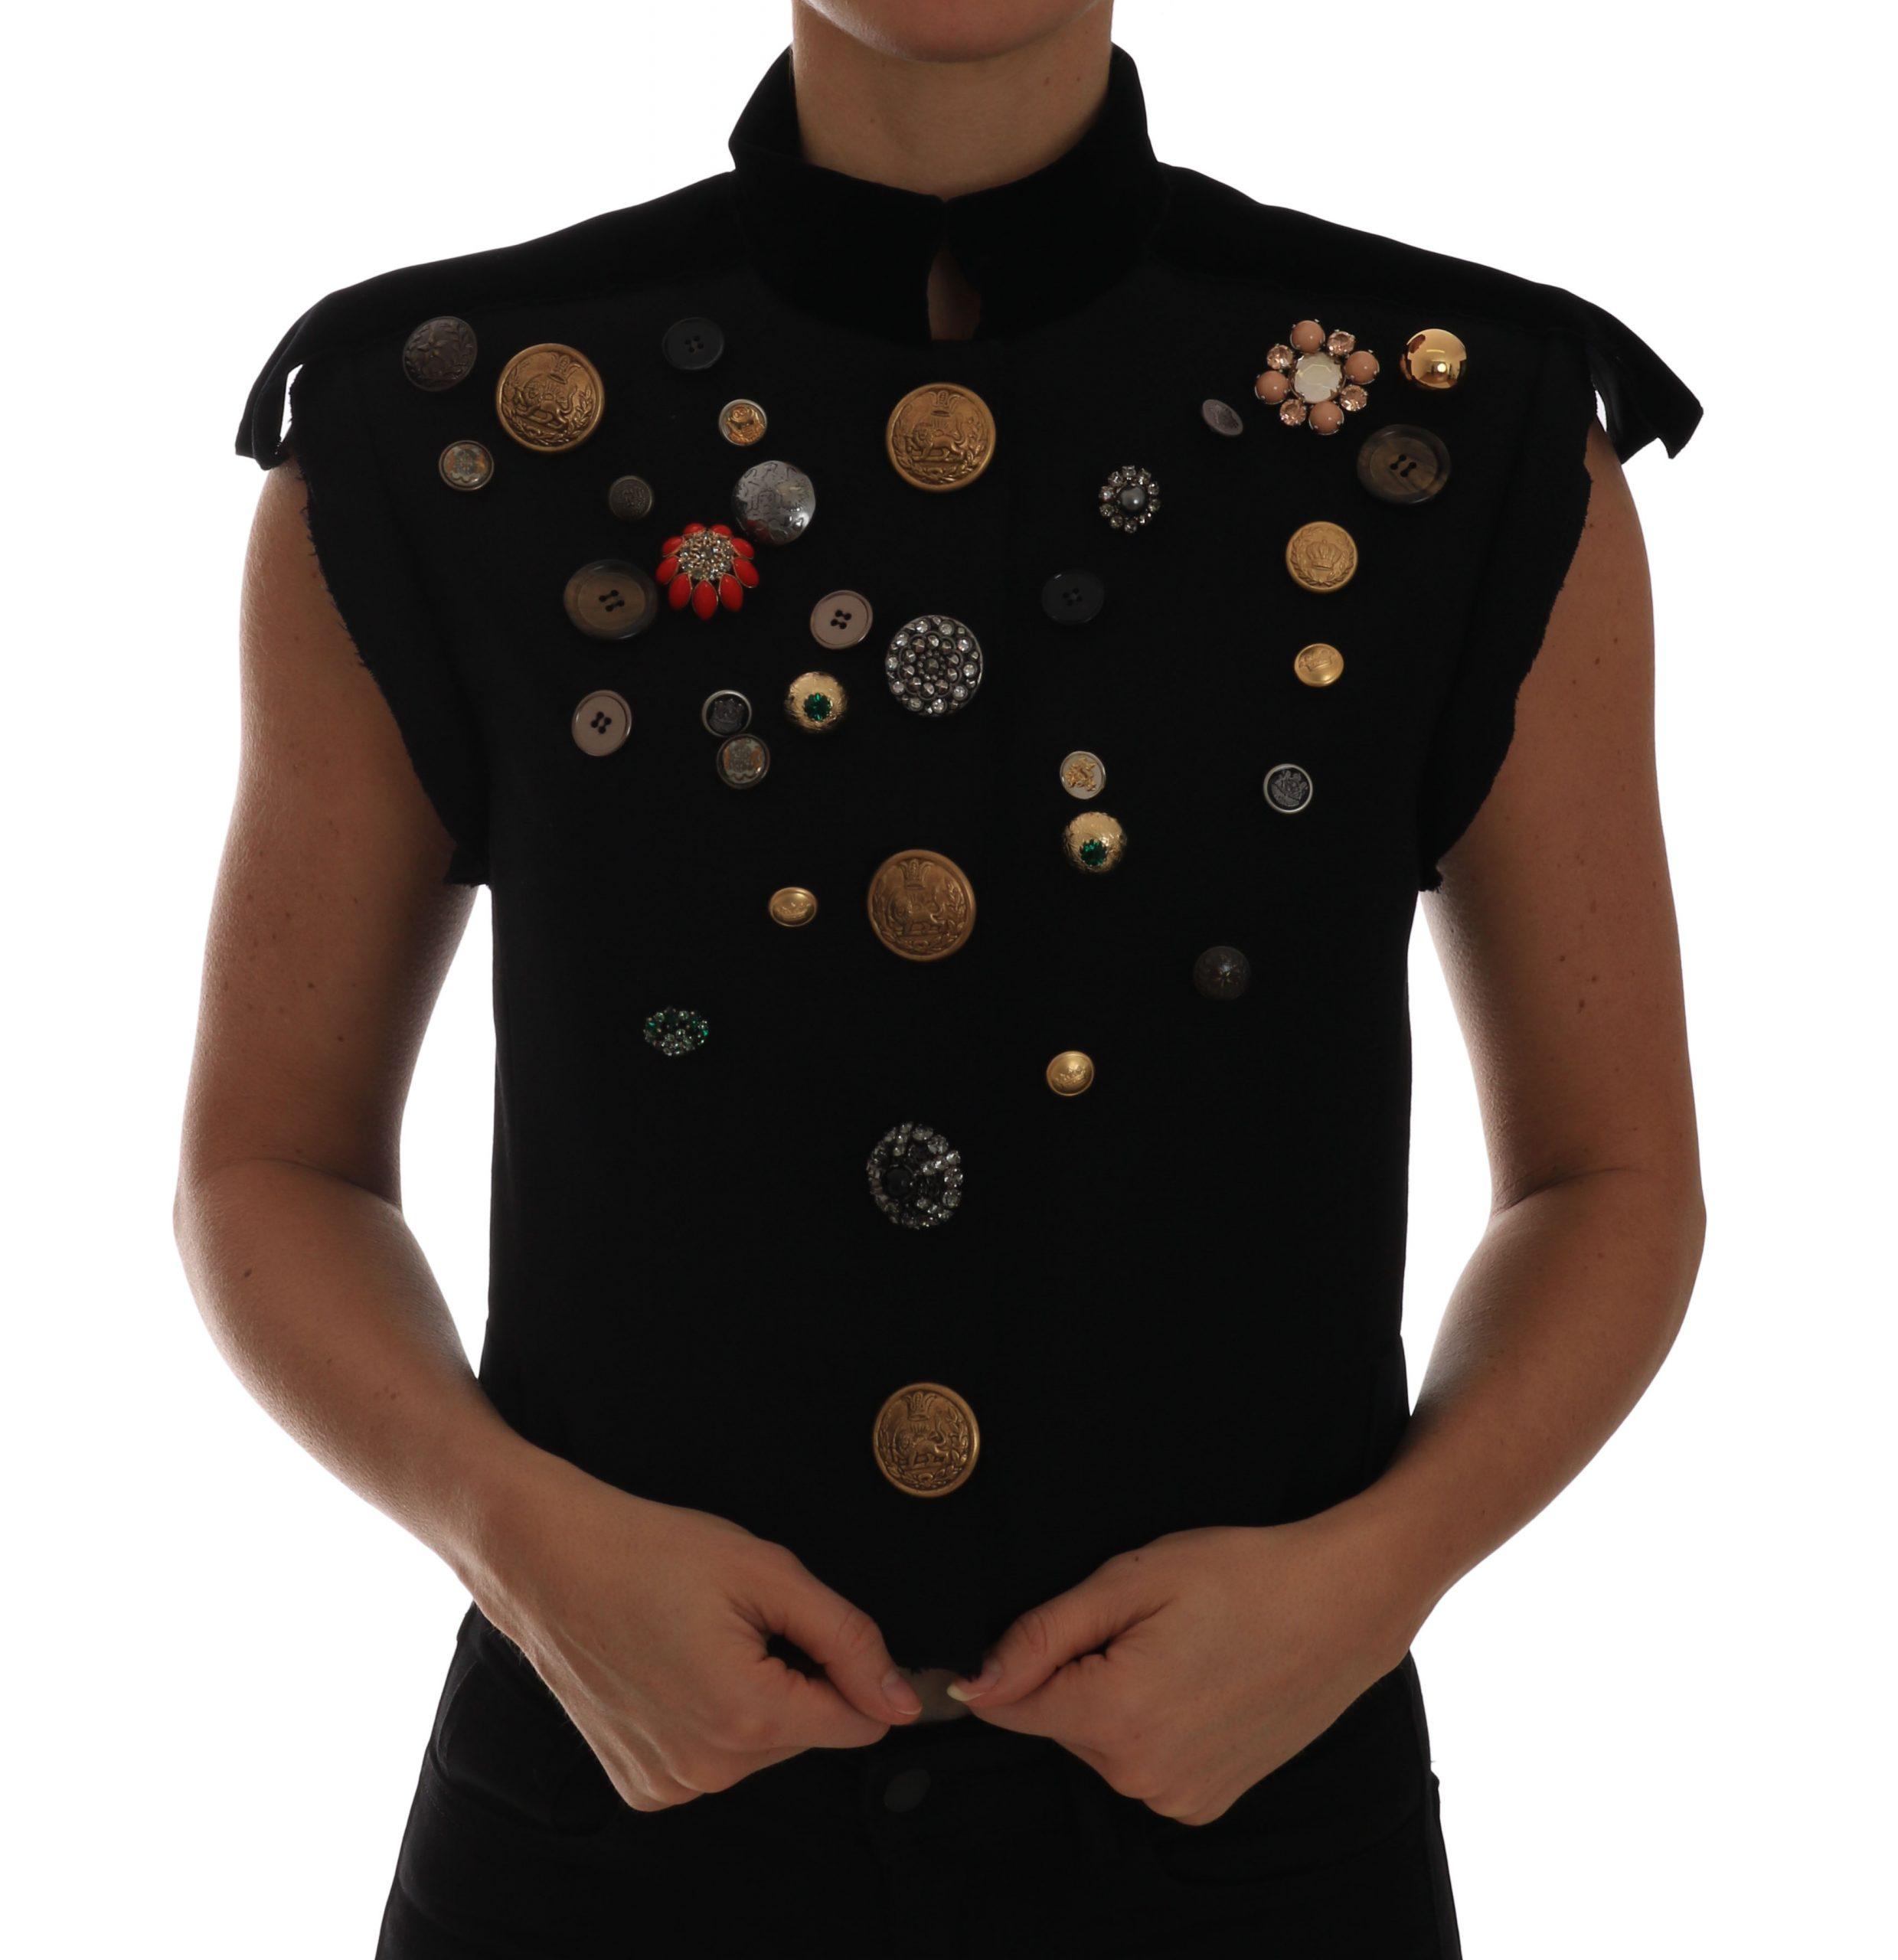 Dolce & Gabbana Women's Floral Military Vest Black TSH2410-40 - IT40 S